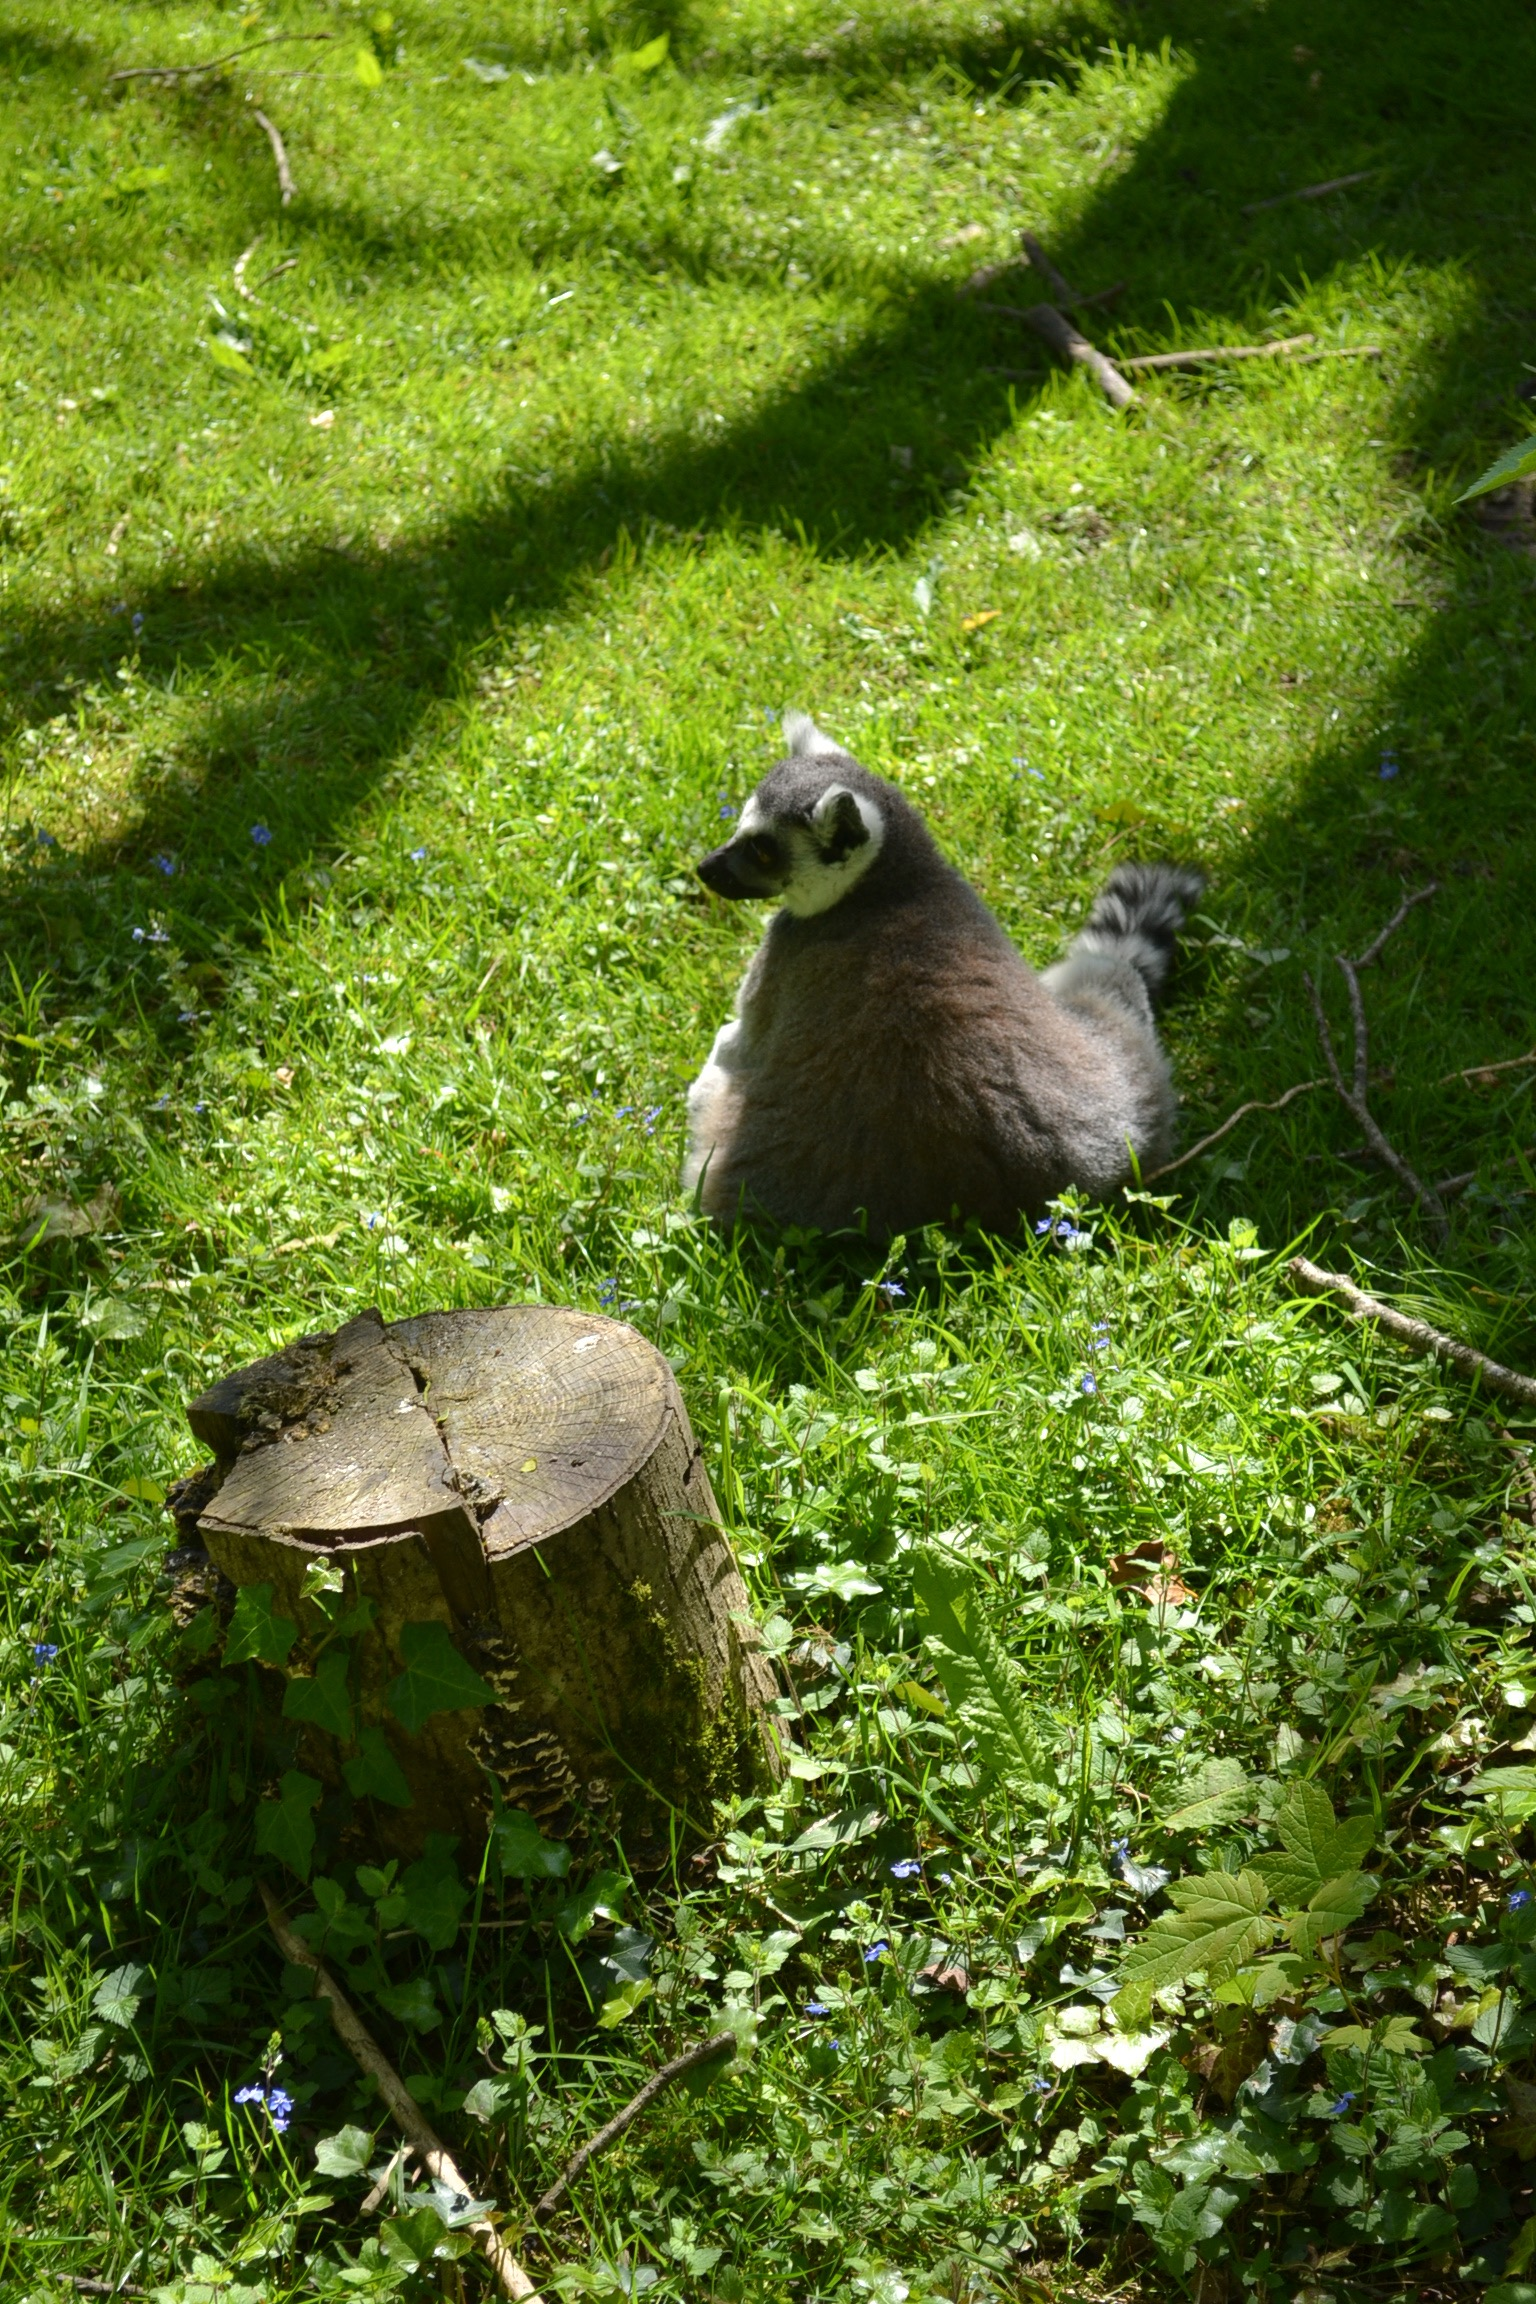 fota island cork, fota animal cork, cork city zoo, zoo near cork, fota island resort, fota cork zoo